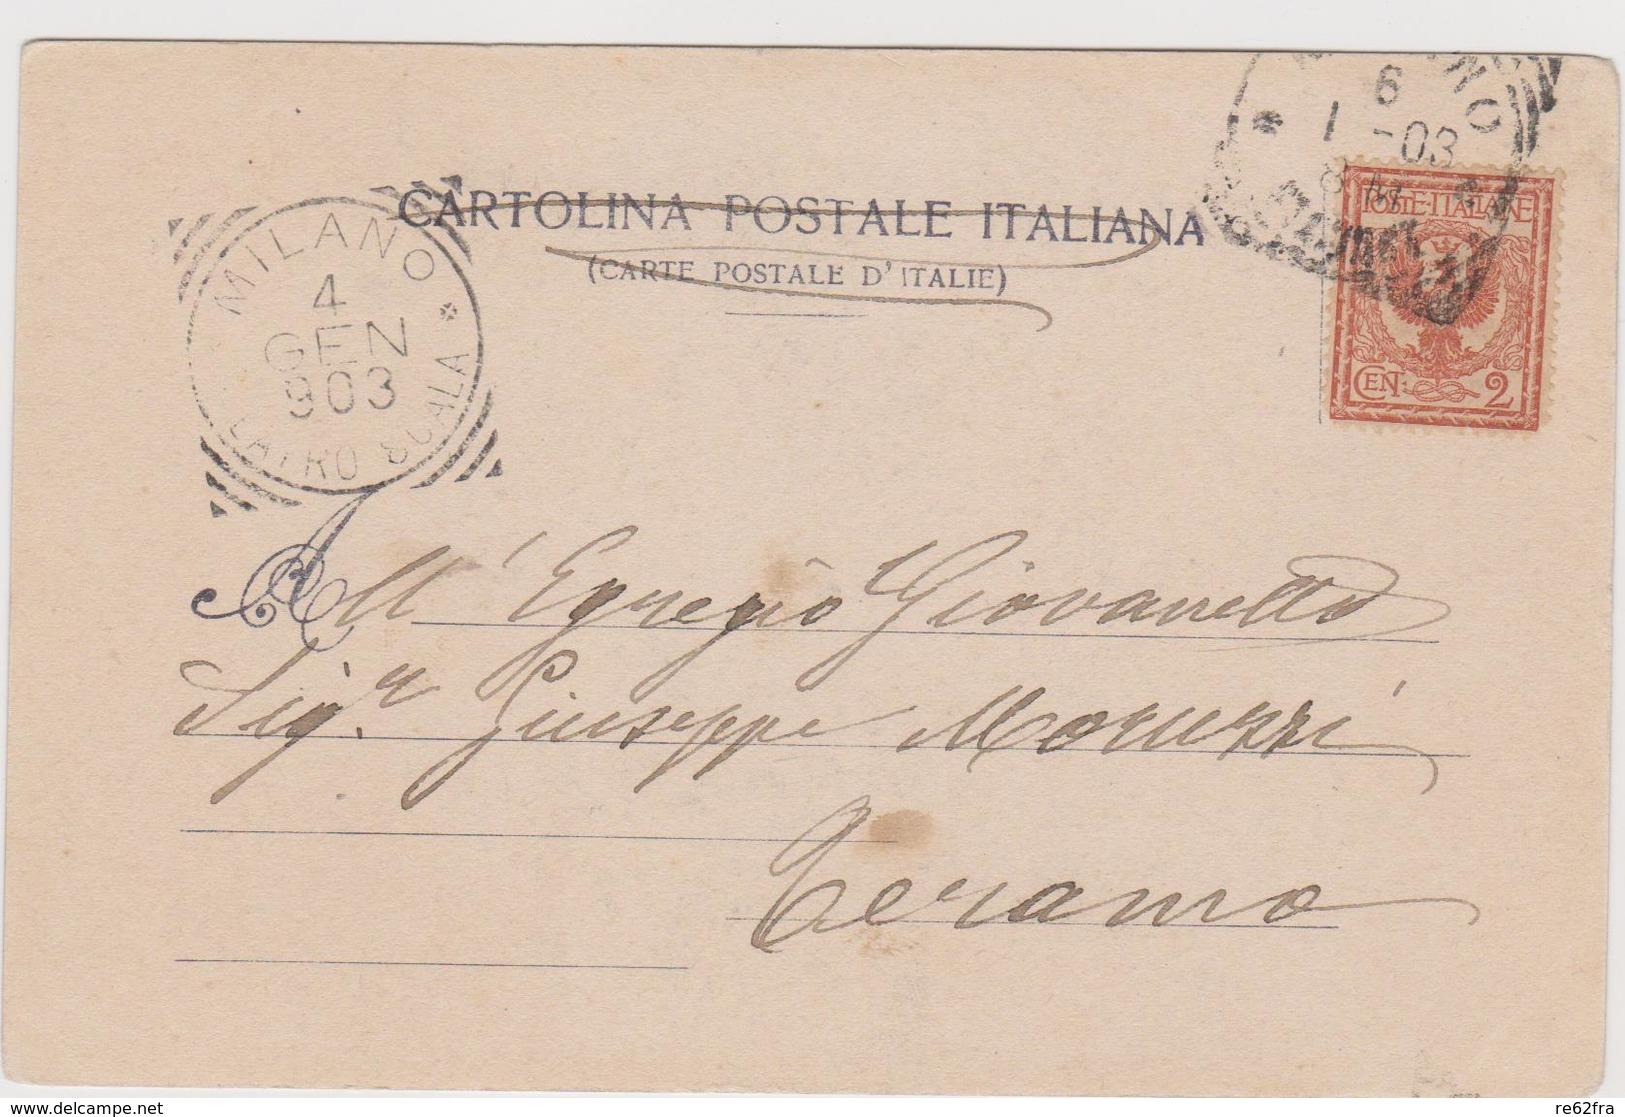 Teatro La Scala 1902-1903, La Dannazione Di Faust (Berlioz), Illustrata Da A.Terzi, Scena 1 - F.p. - 1903 - Opera